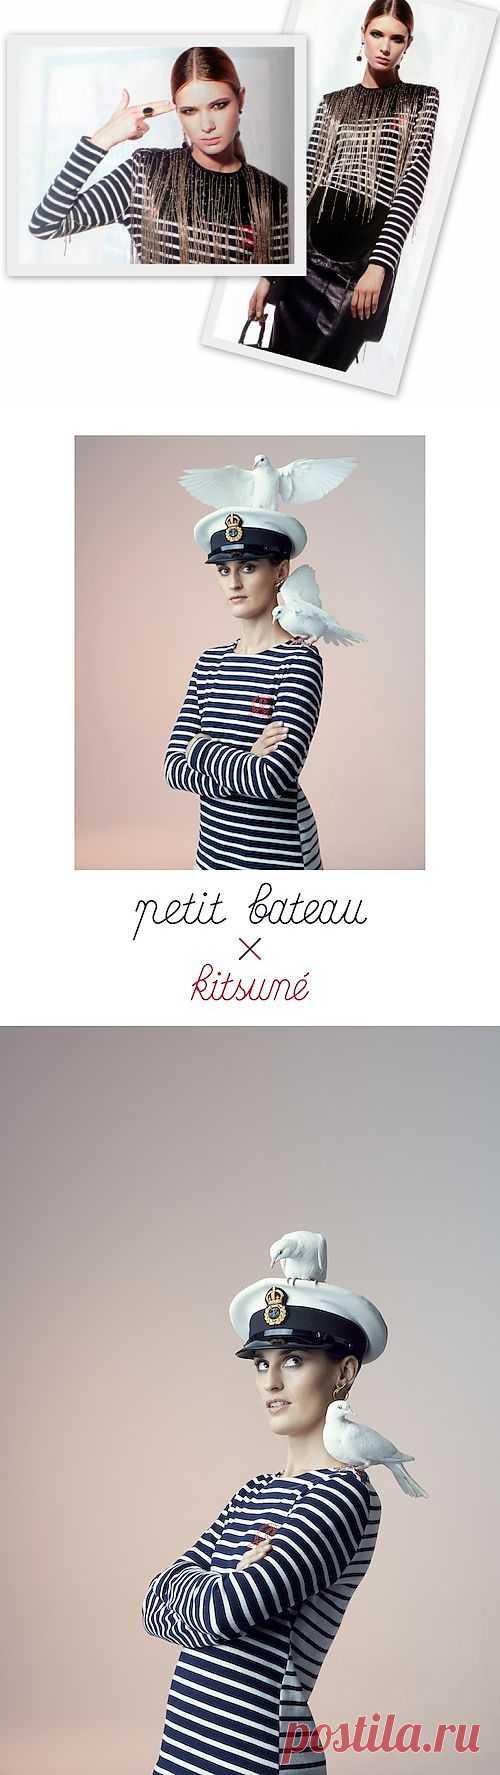 Две тельняшки Petit Bateau / Тельняшки / Модный сайт о стильной переделке одежды и интерьера